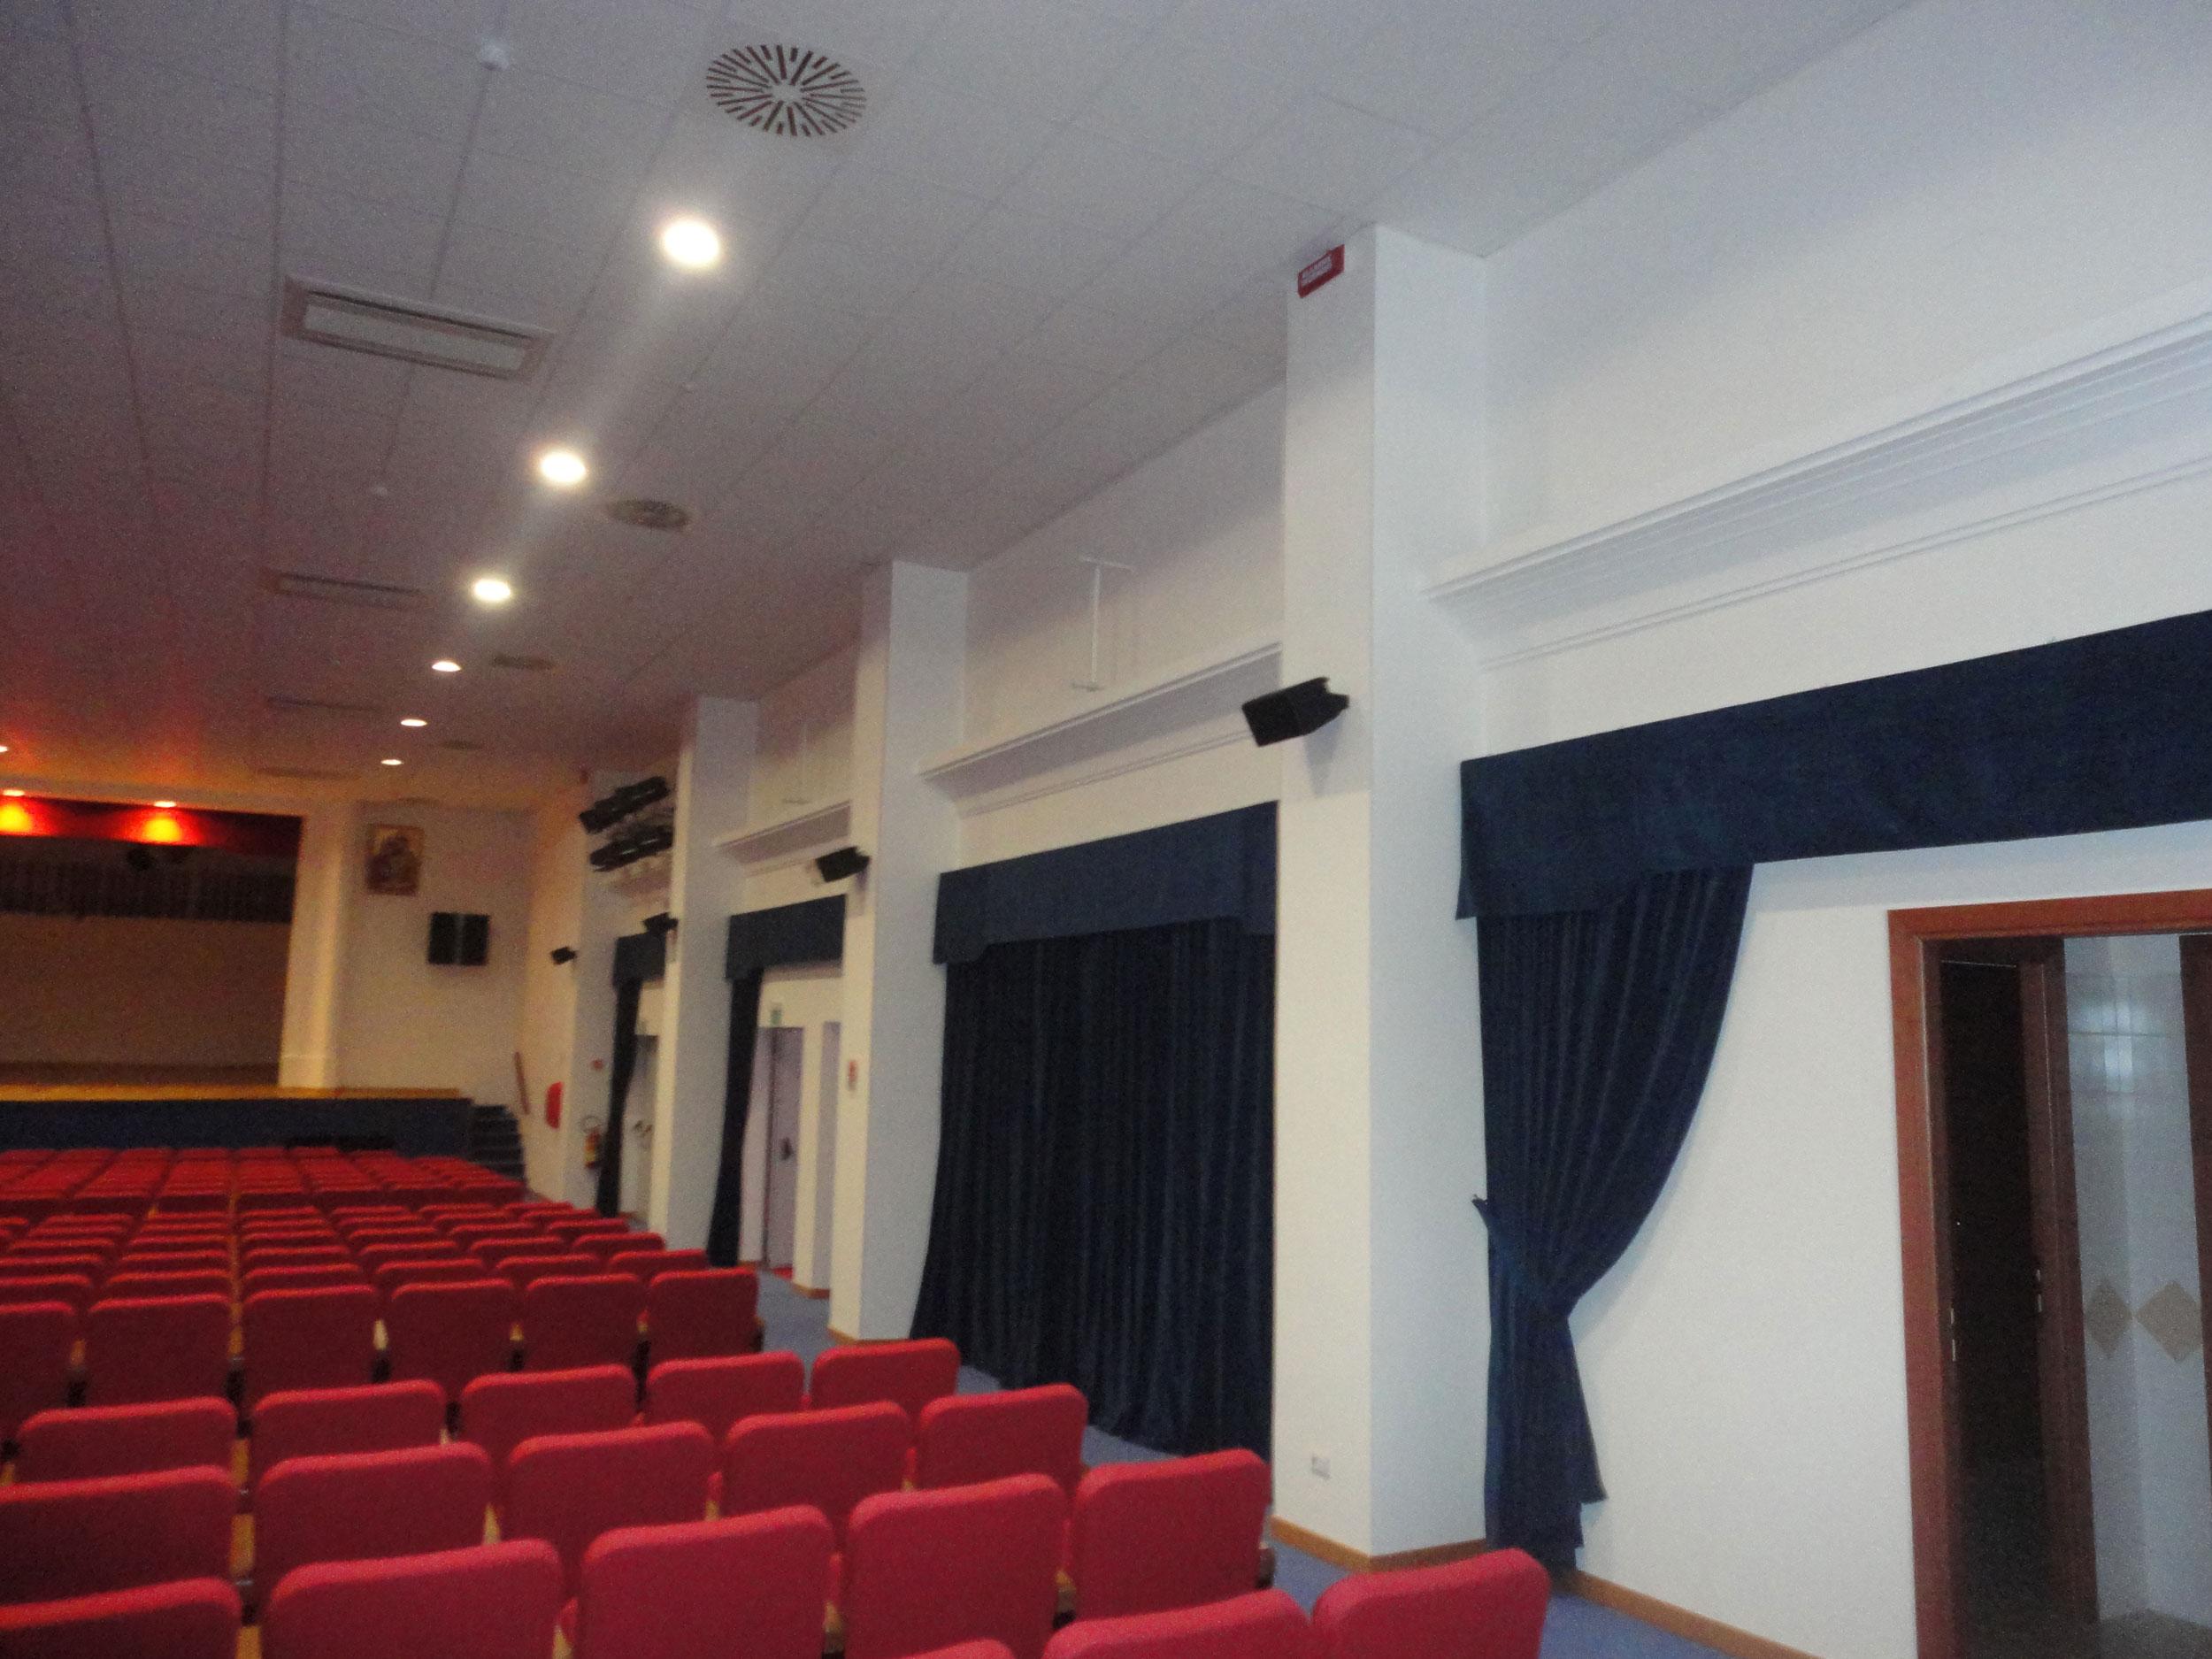 Videoproiezione audio oratori e sale